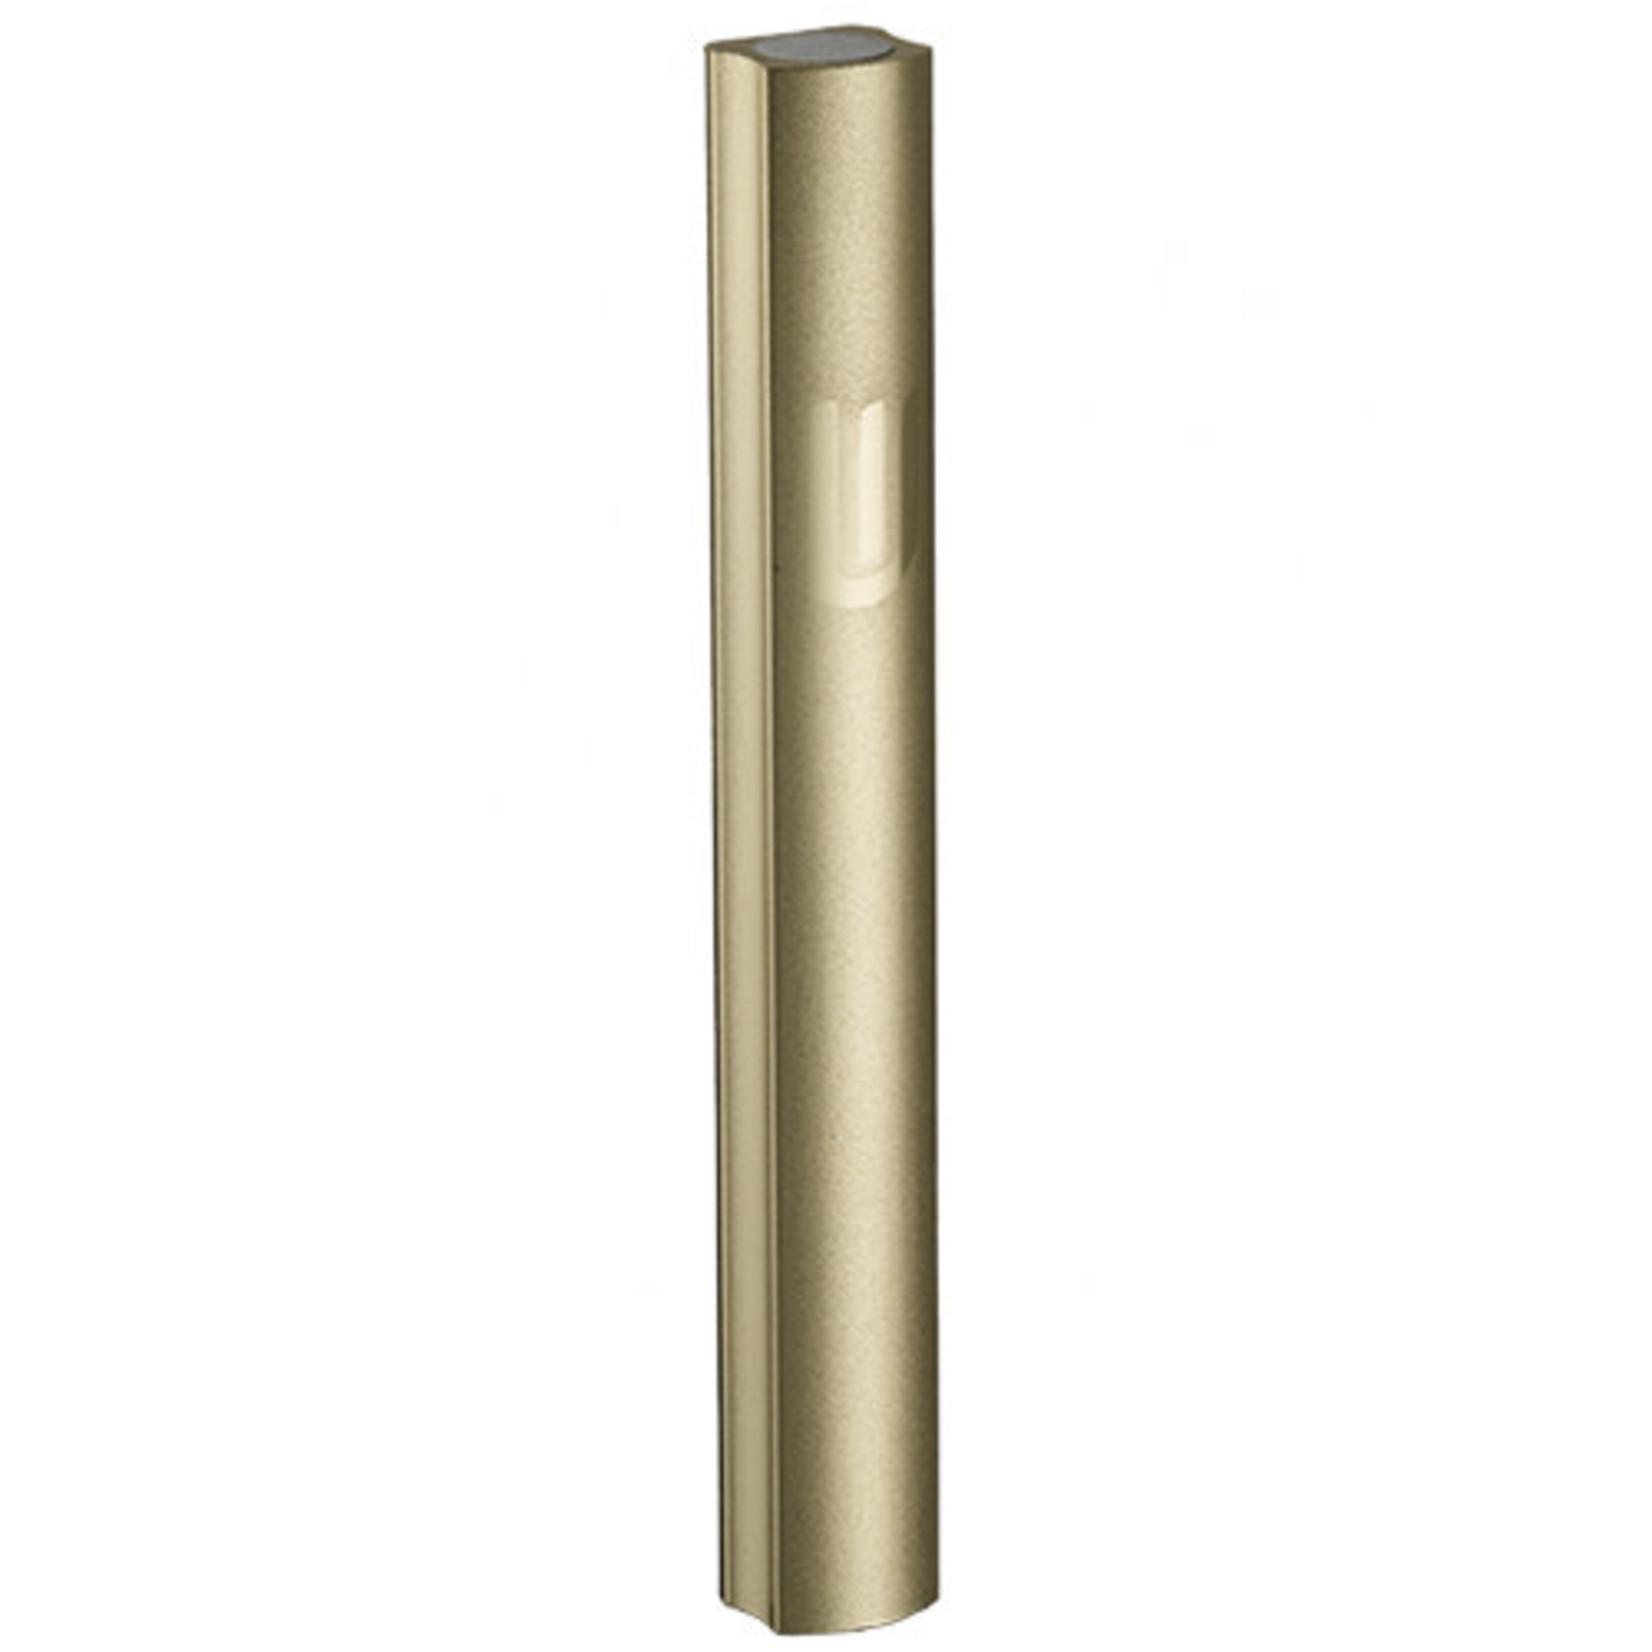 Mezuzah Case, Sandblasted Aluminum, 10cm